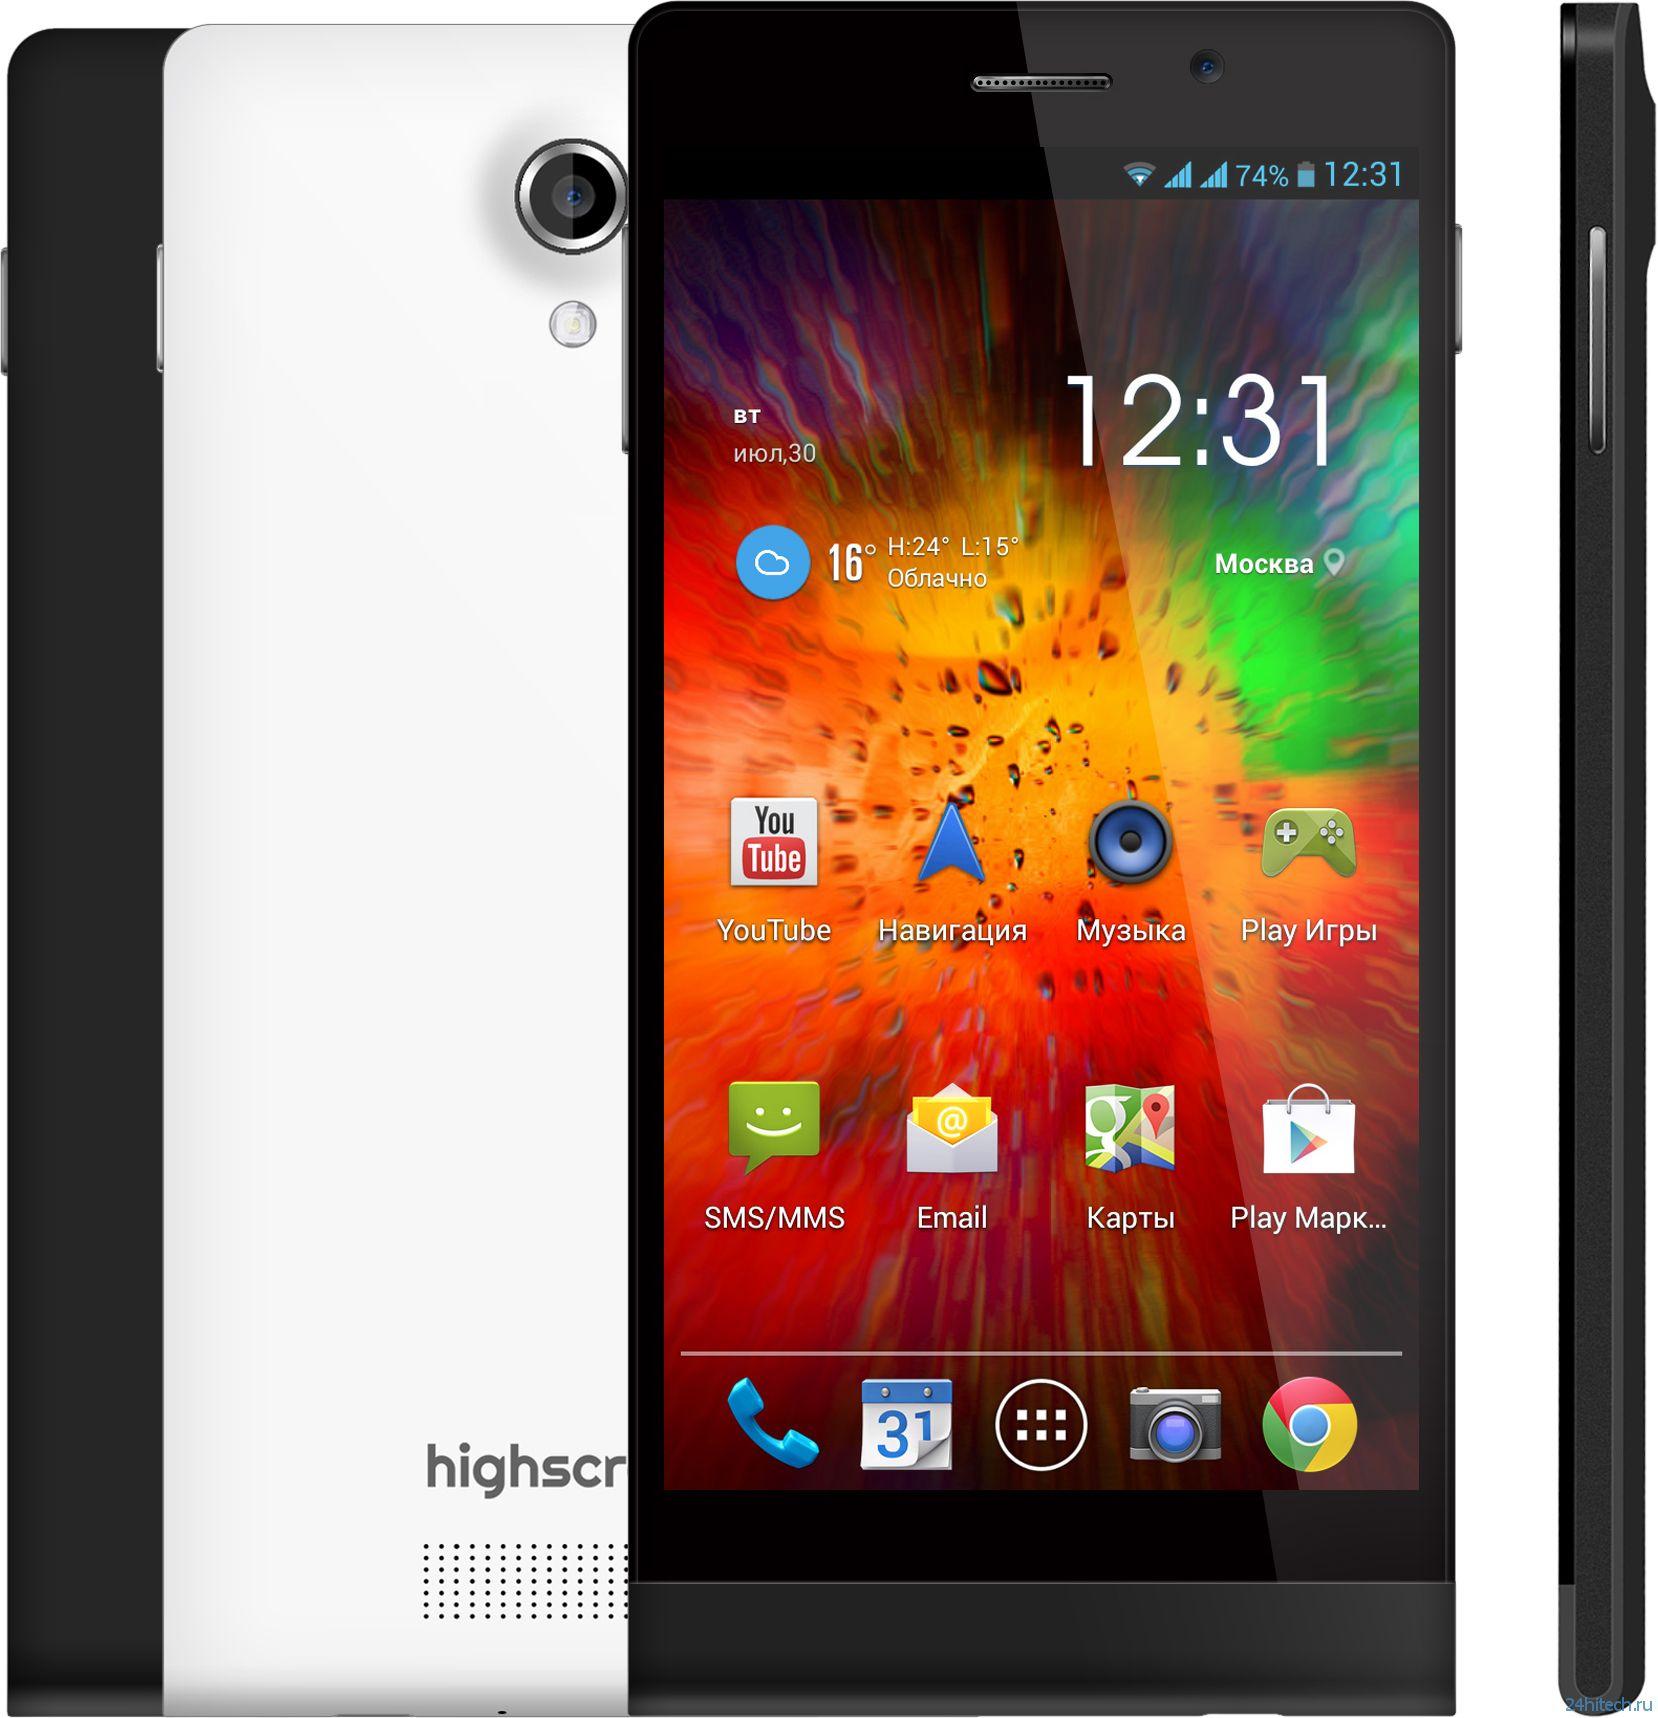 Обновление модели Highscreen Thor до Android 4.4.2 KitKat уже началось